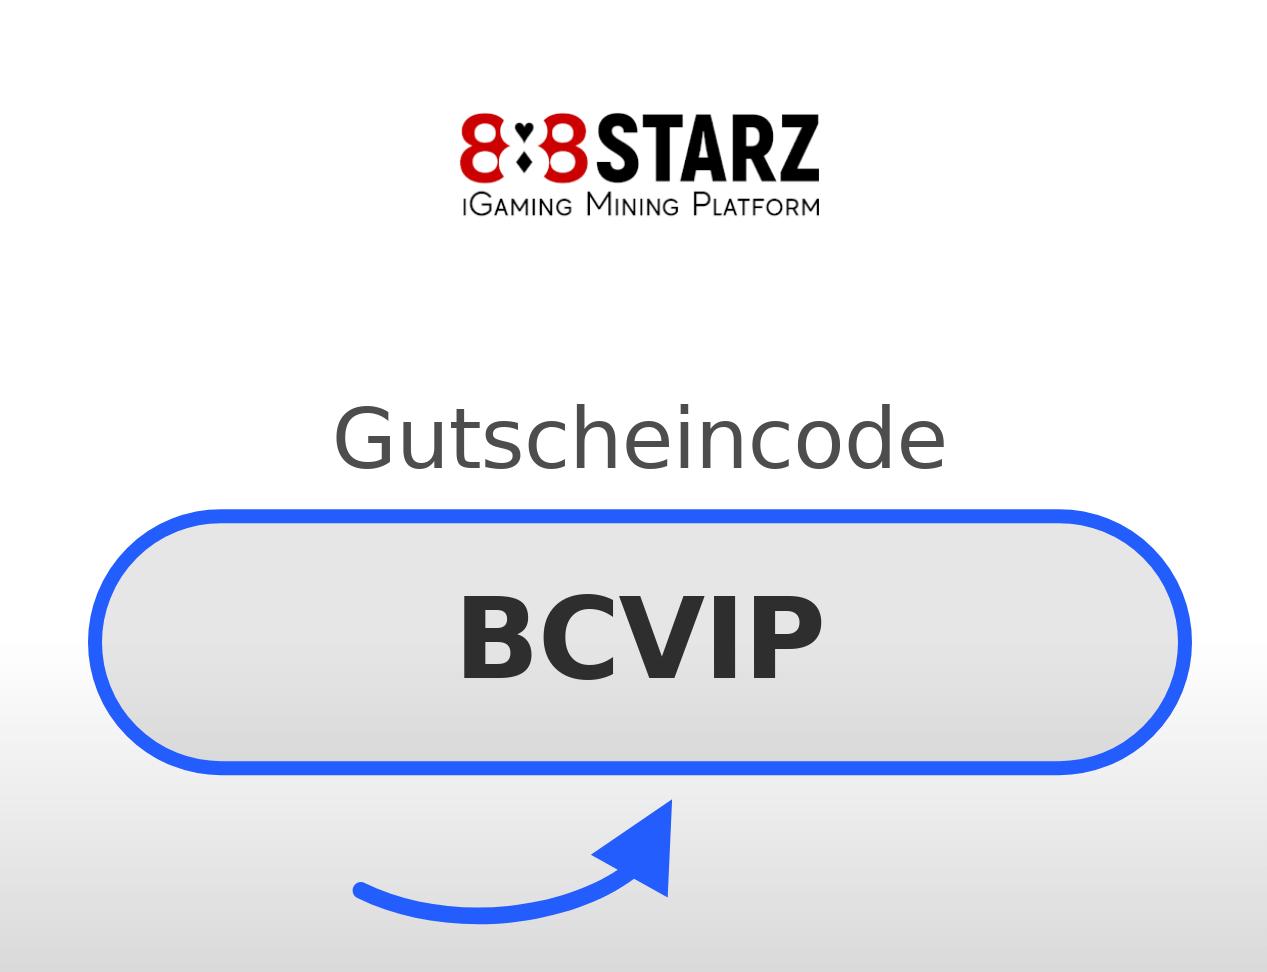 888starz Gutscheincode